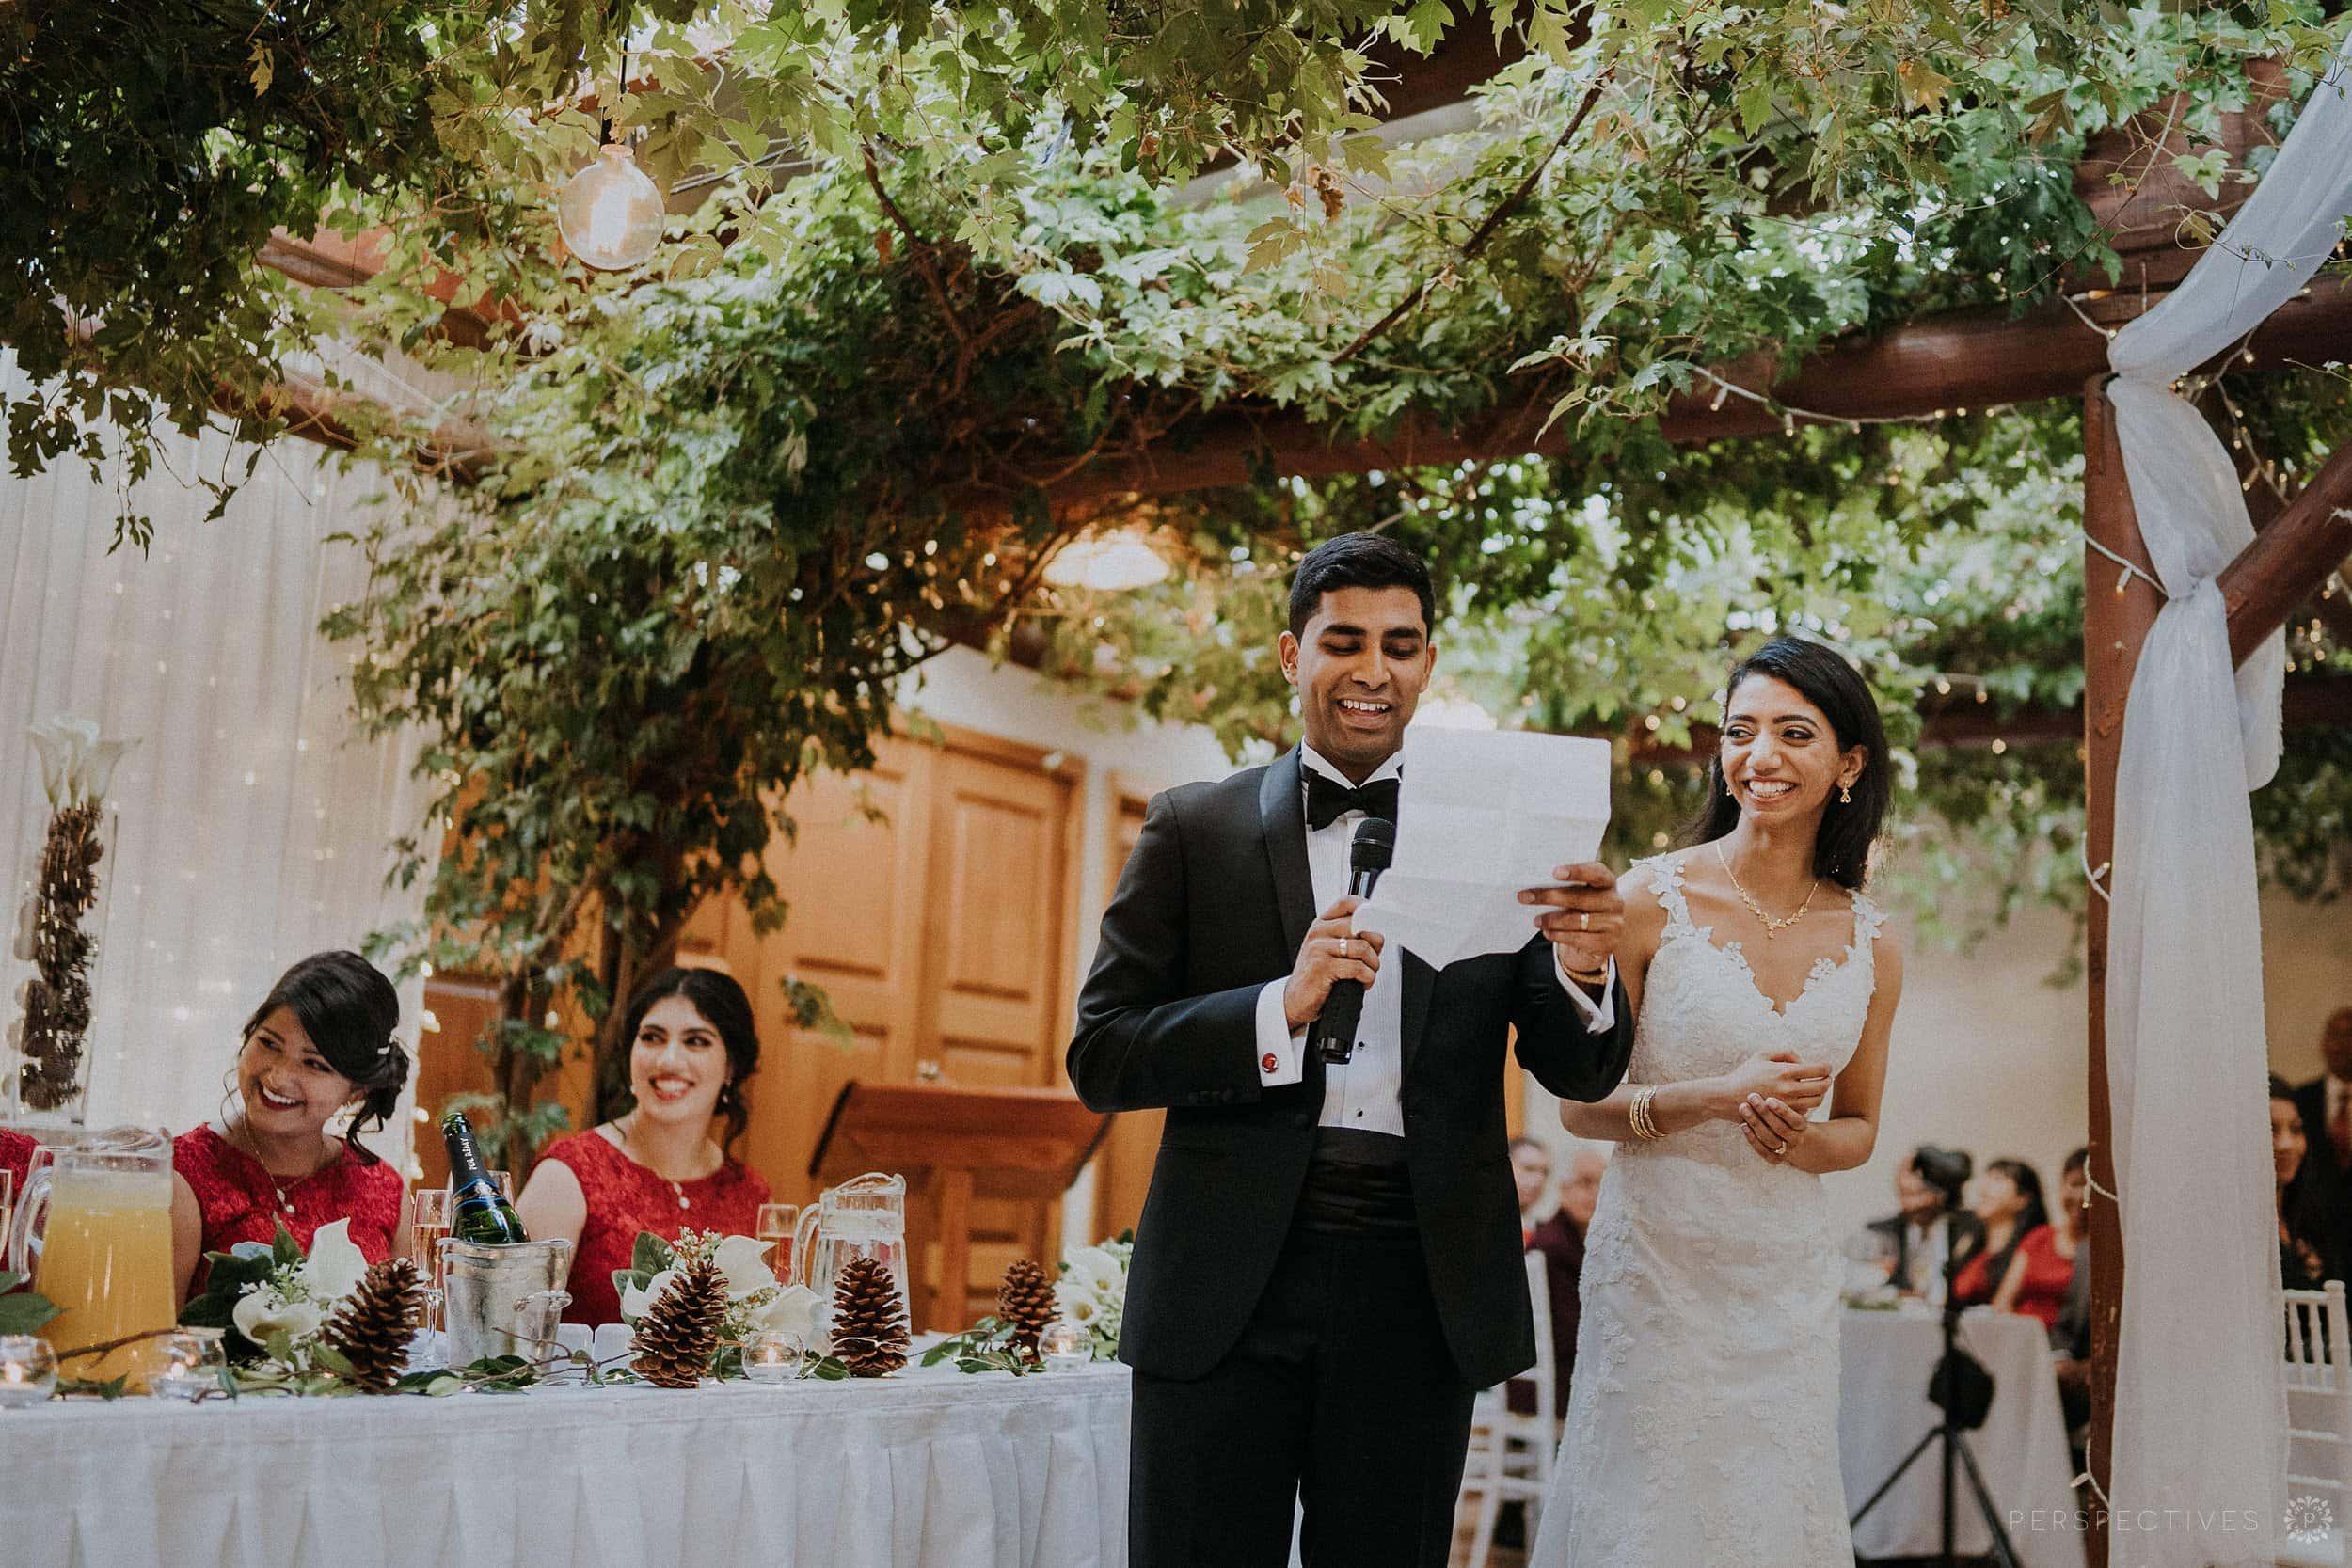 Markovina wedding photography